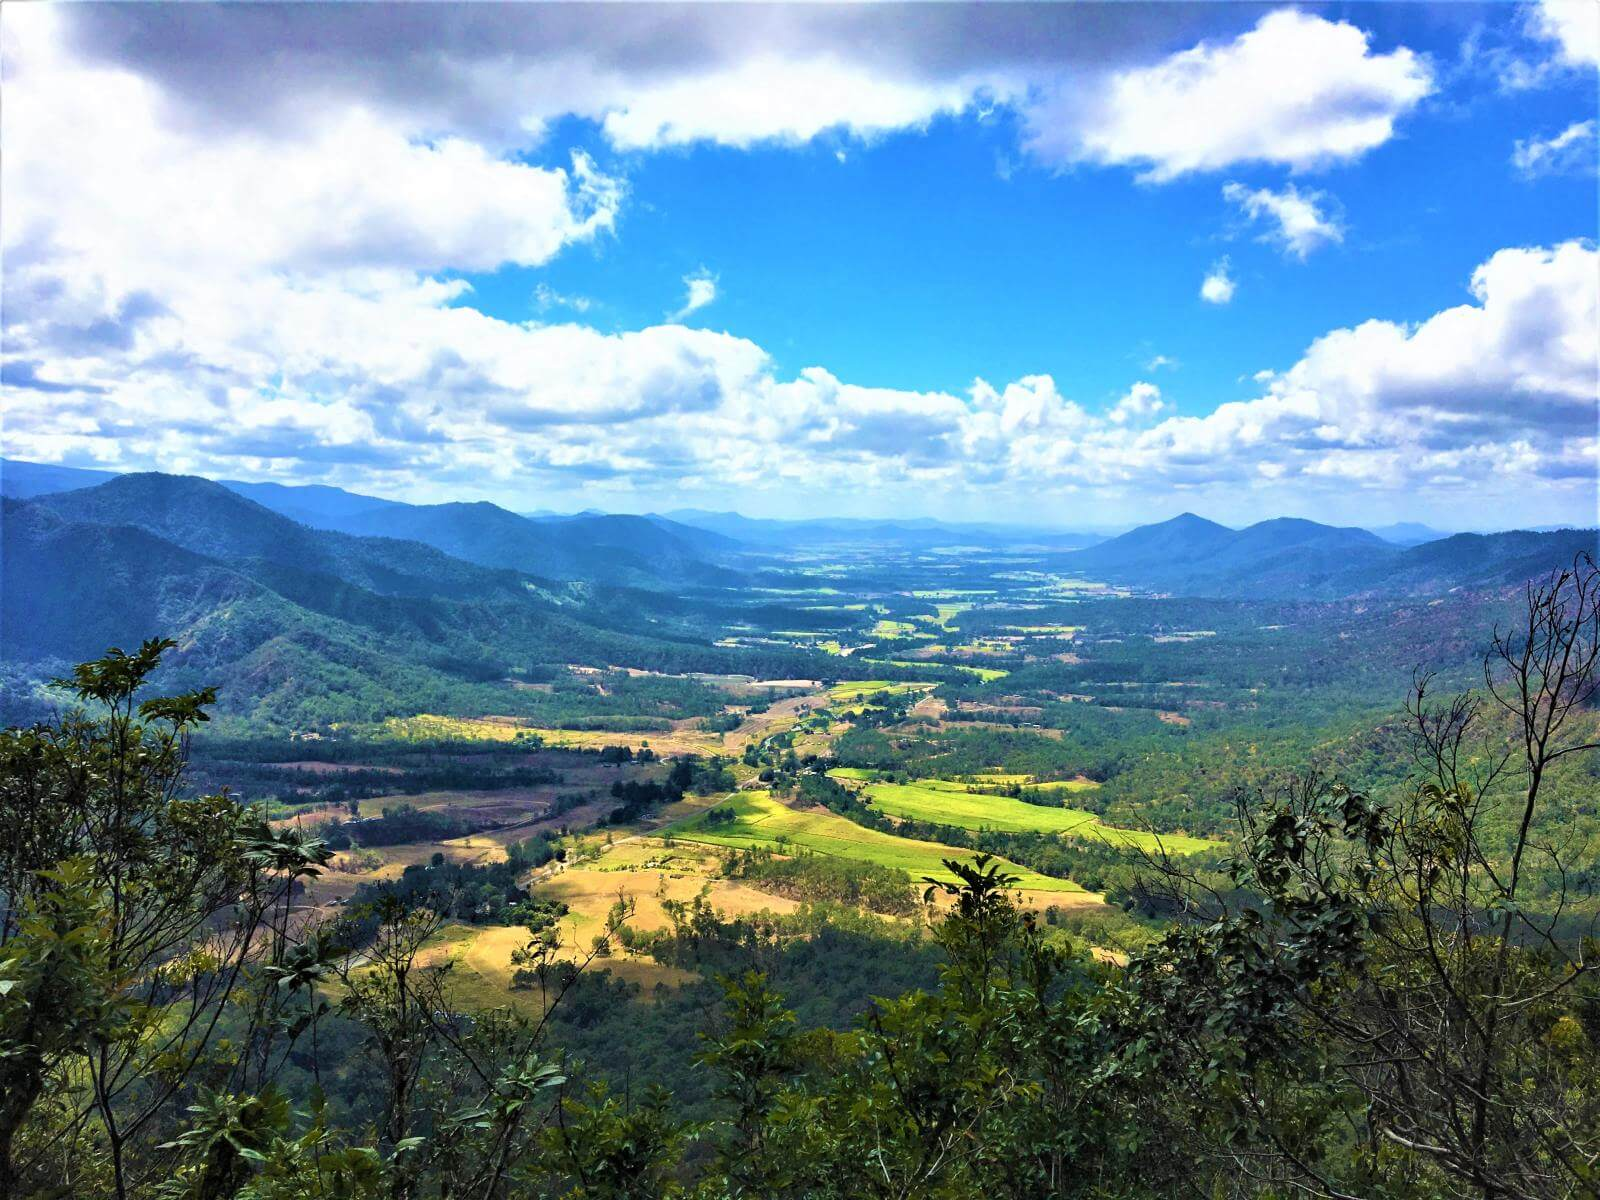 Blick auf den Eungella National Park in Queensland